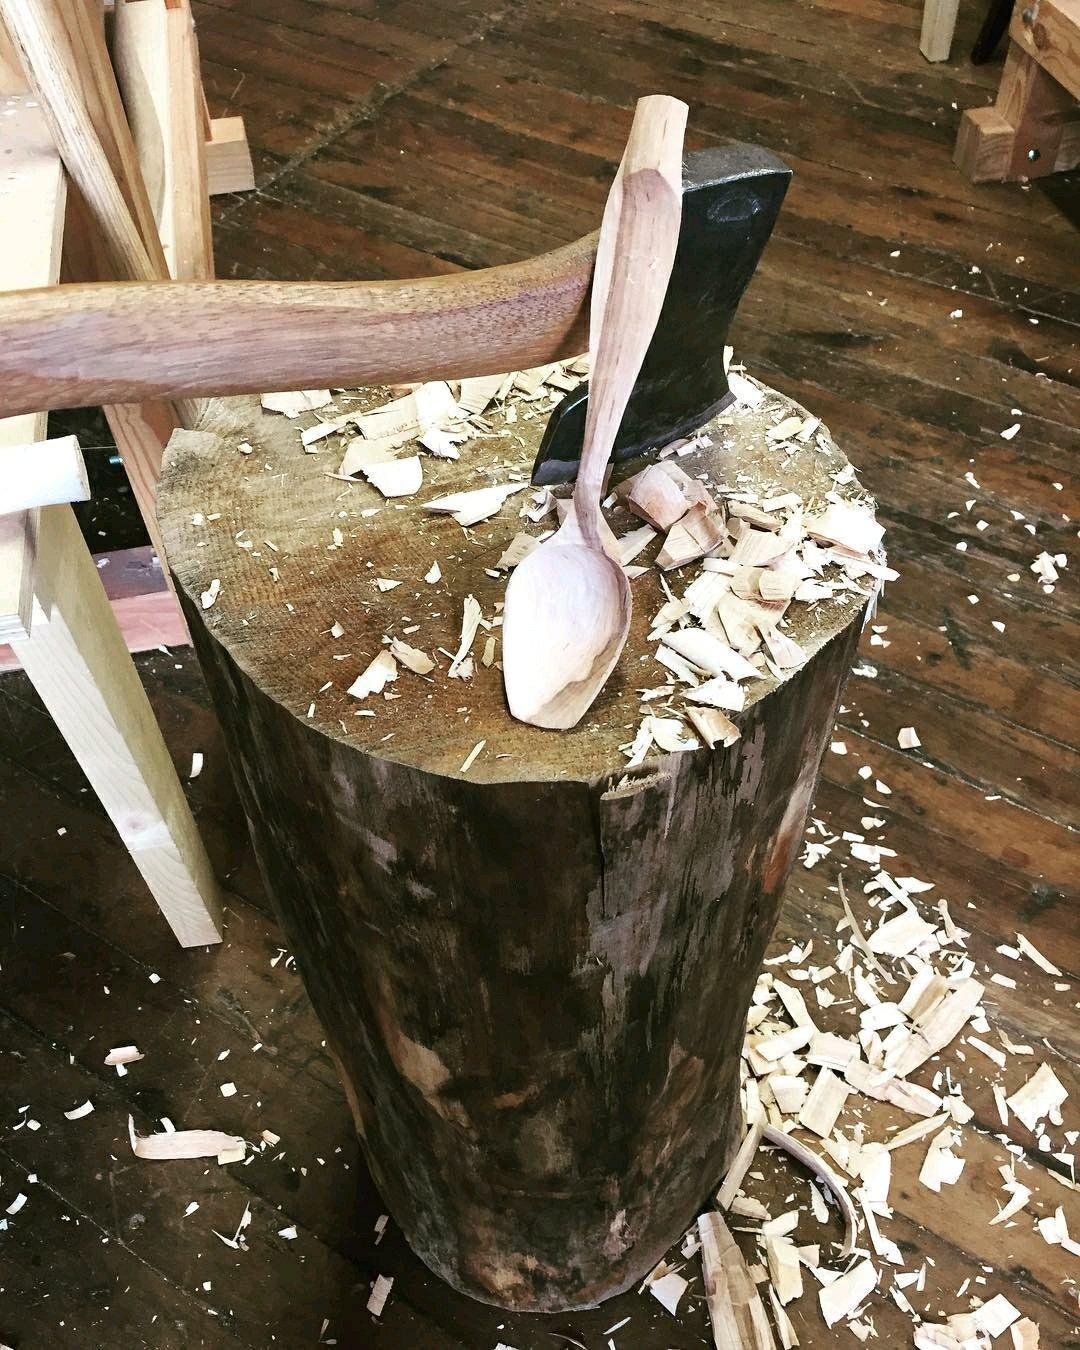 چوب زیبا و شگفت انگیز در دکوراسیون داخلی